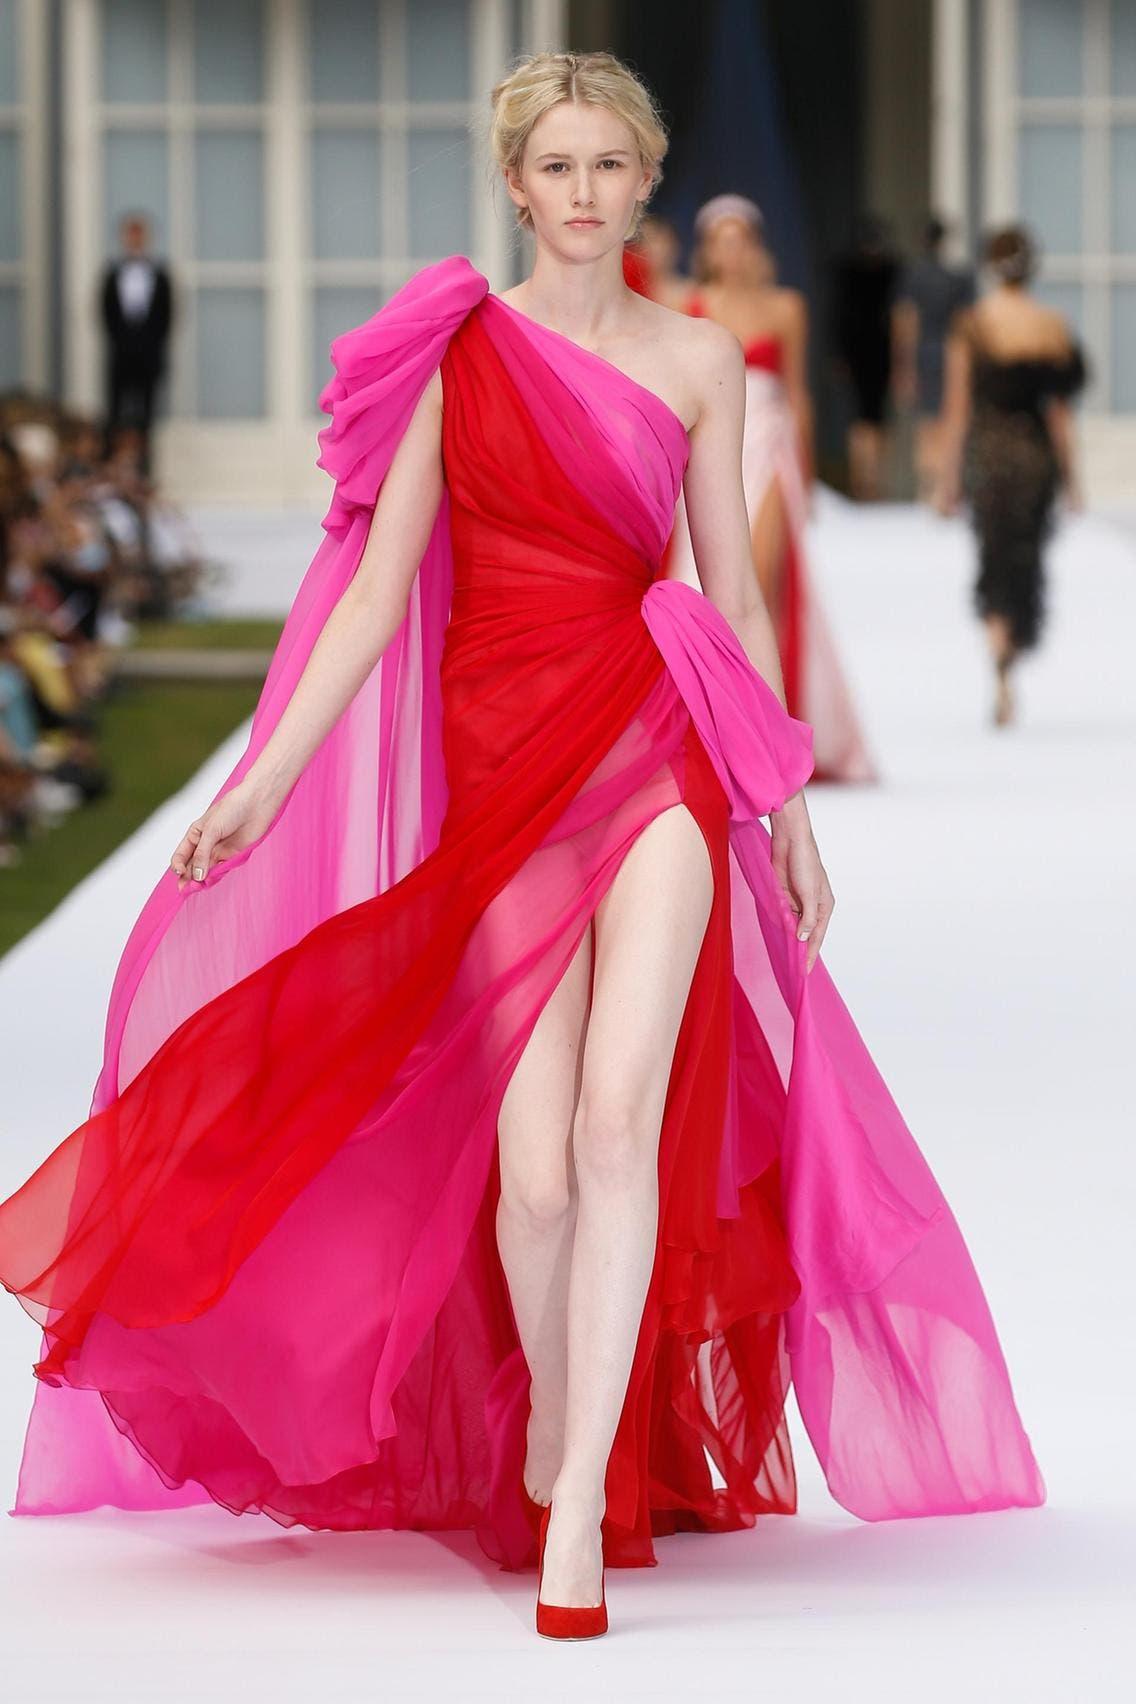 ثوب من تصميم رالف أند روسو